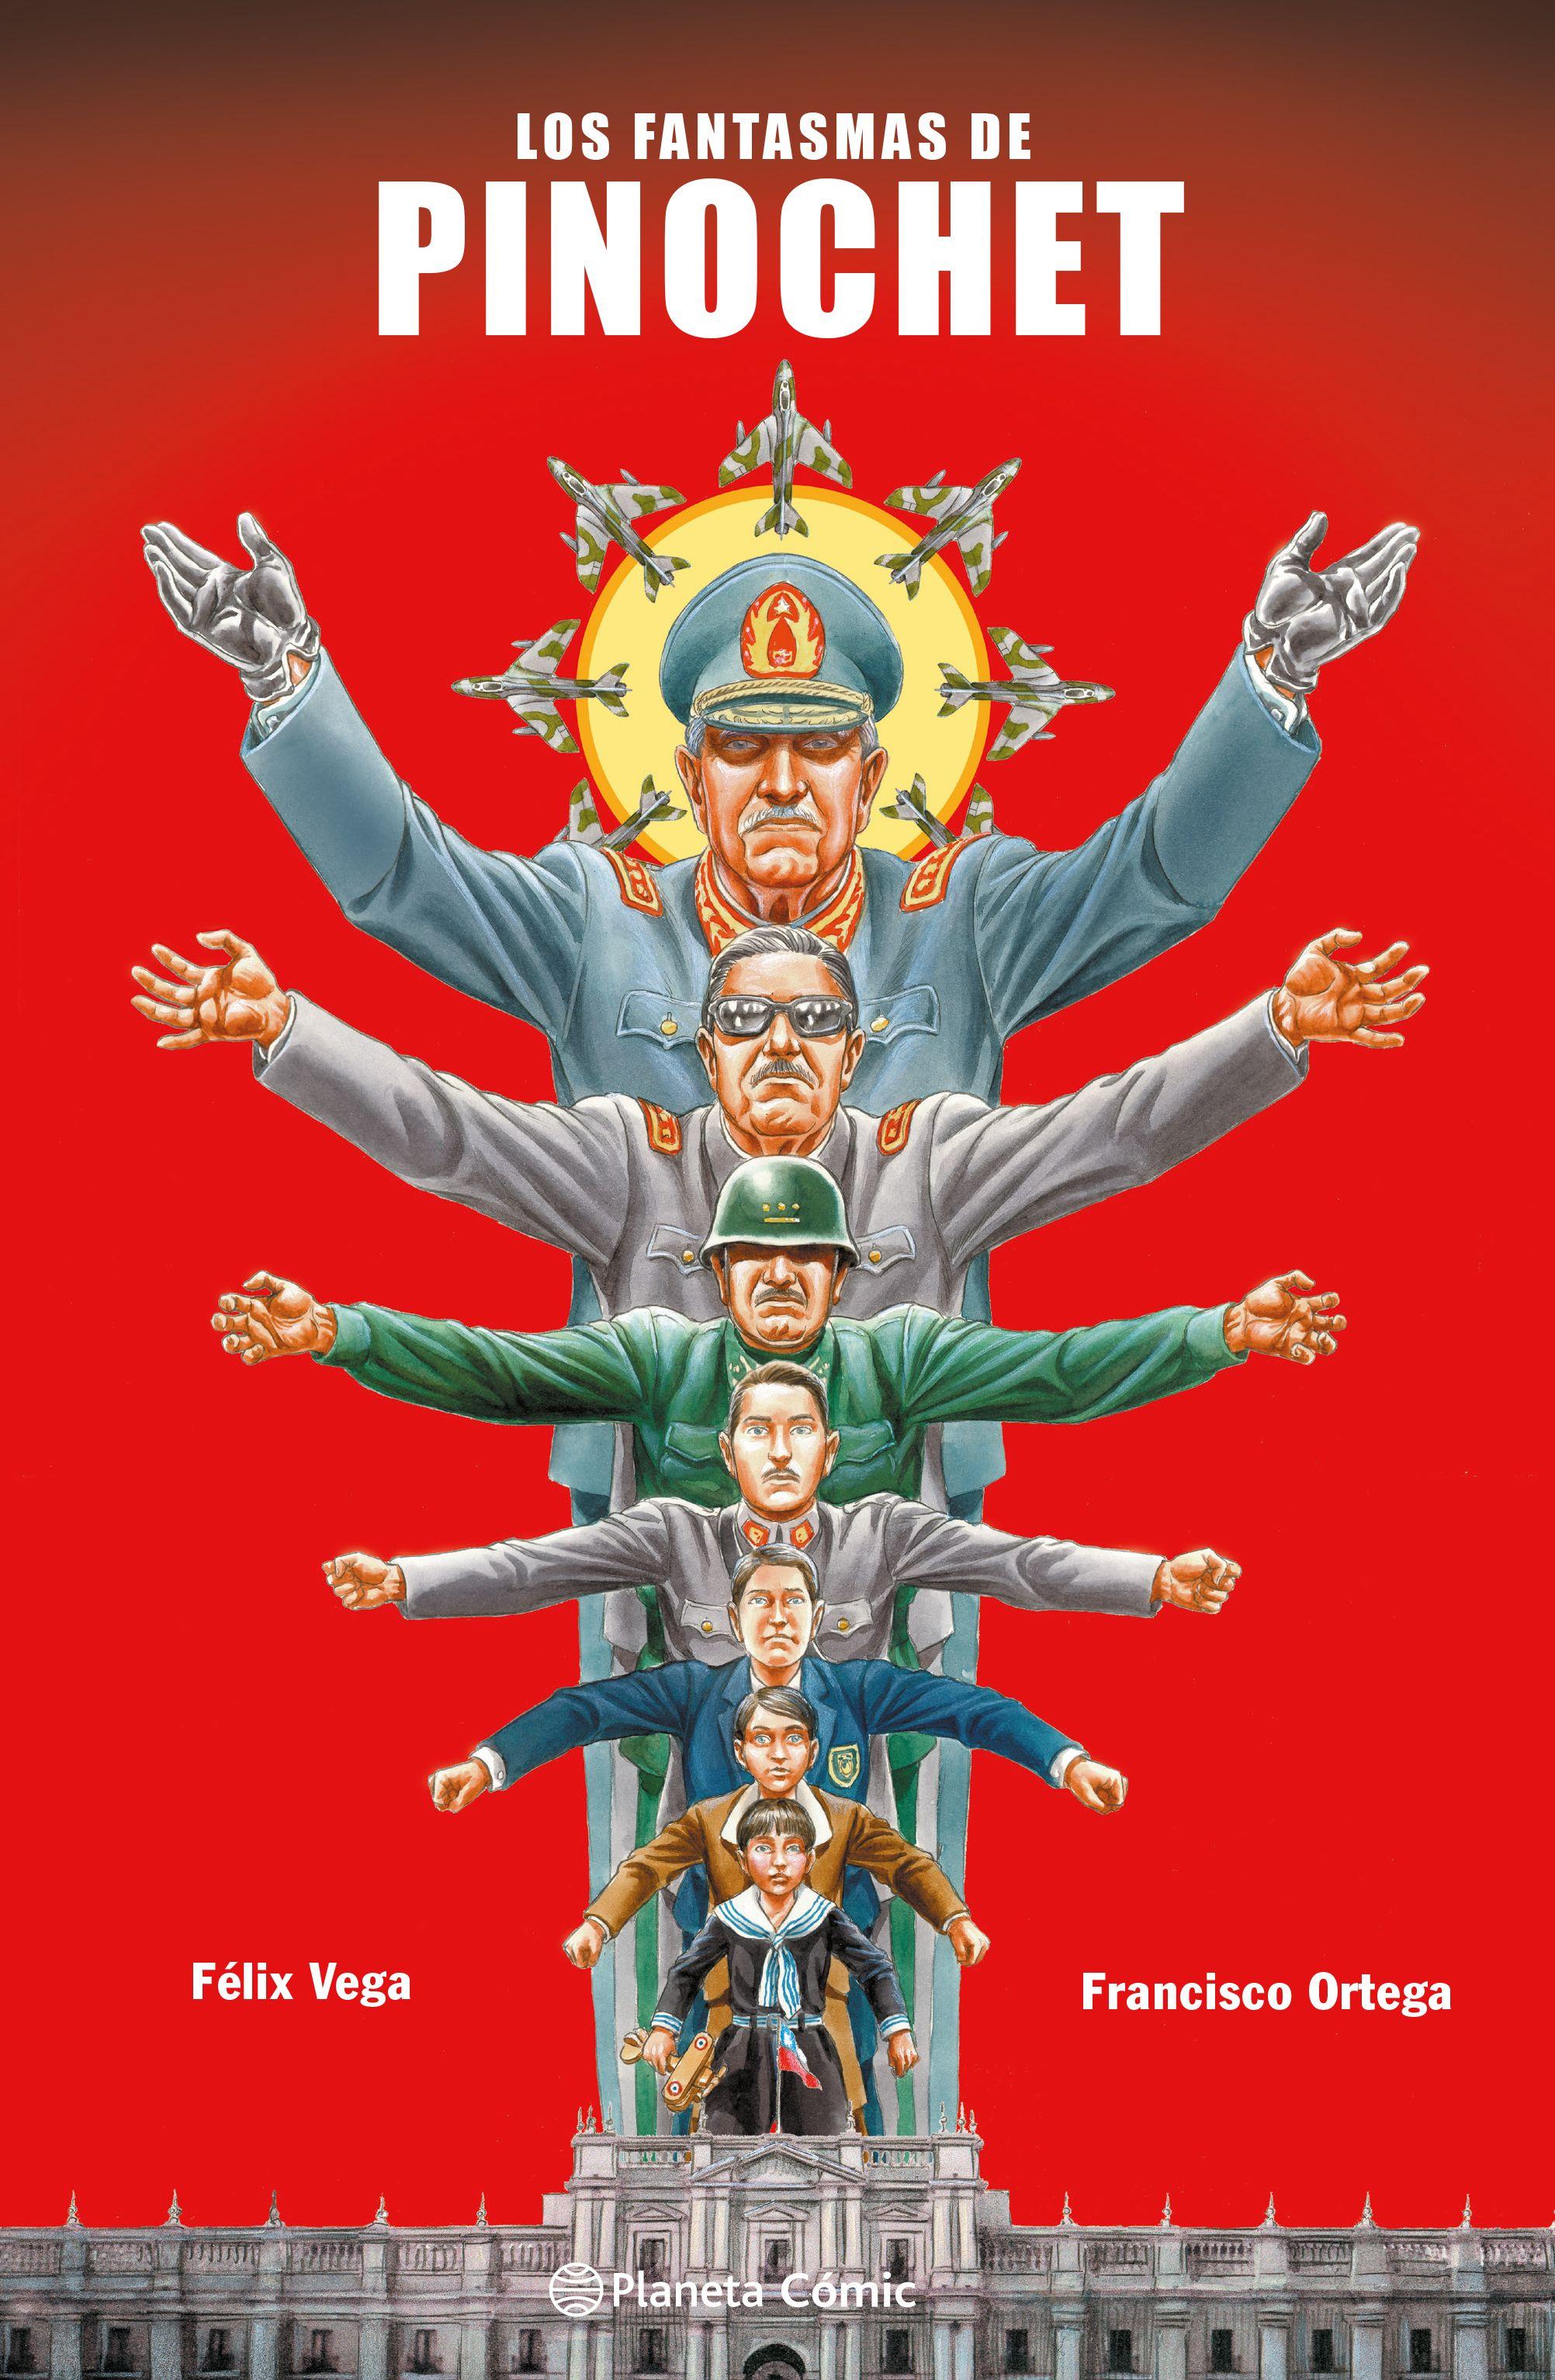 Los Fantasmas de Pinochet